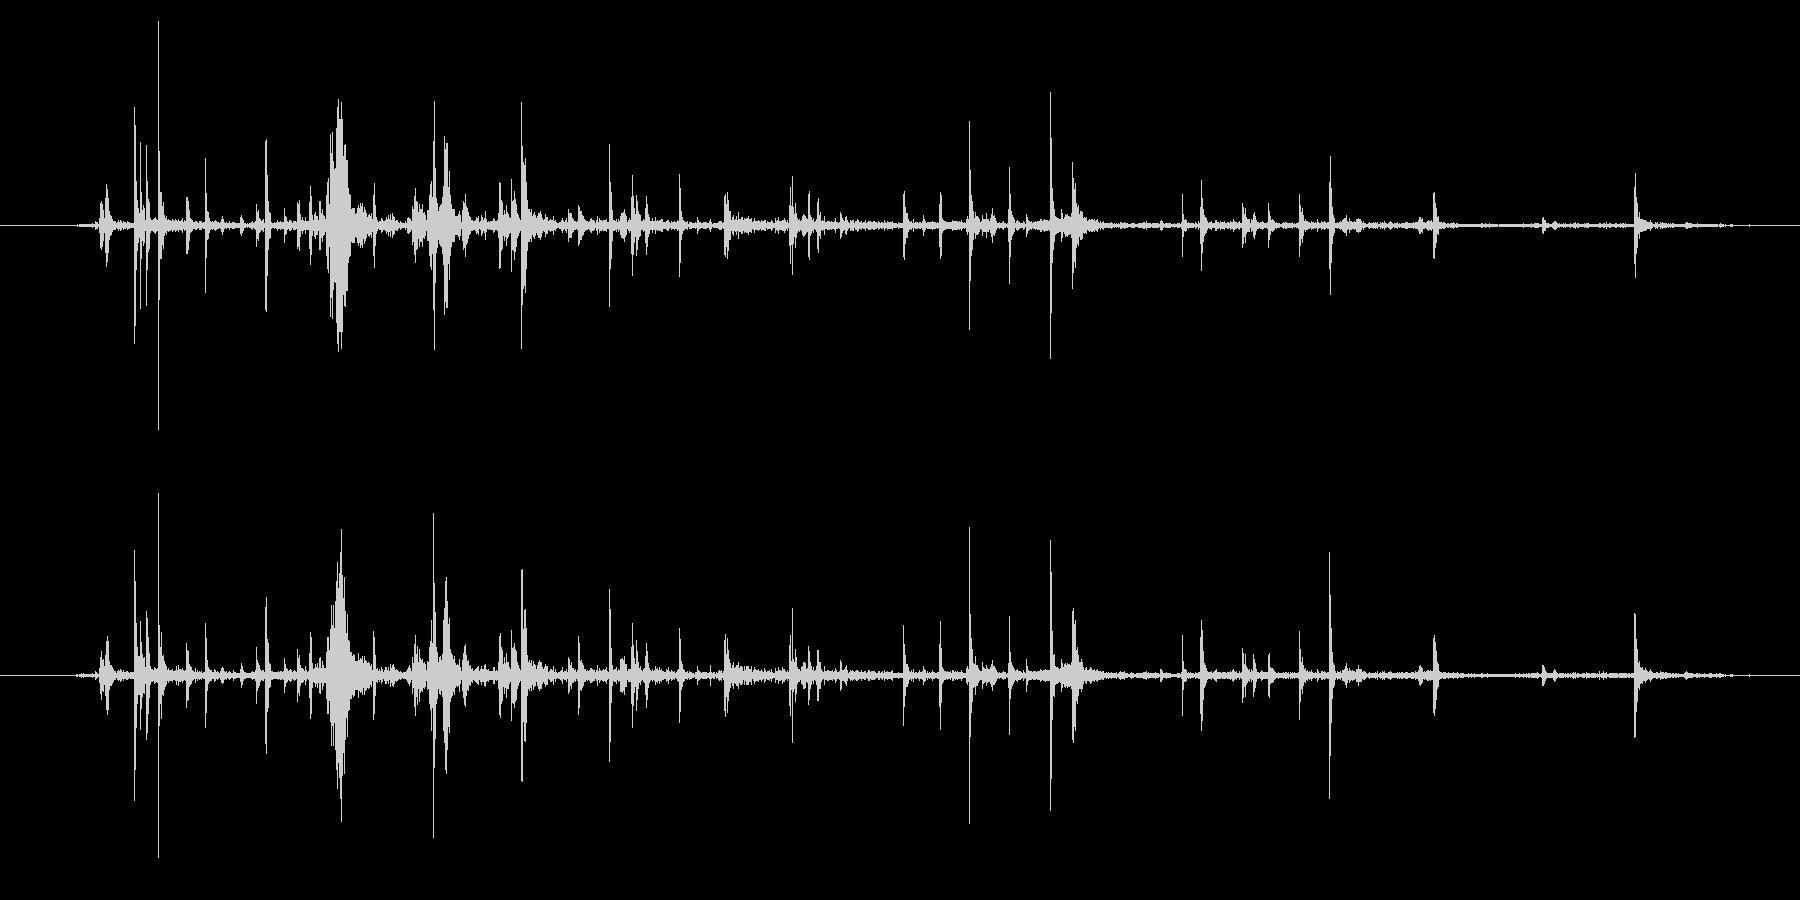 段ボールのシリアルボックス:インナ...の未再生の波形